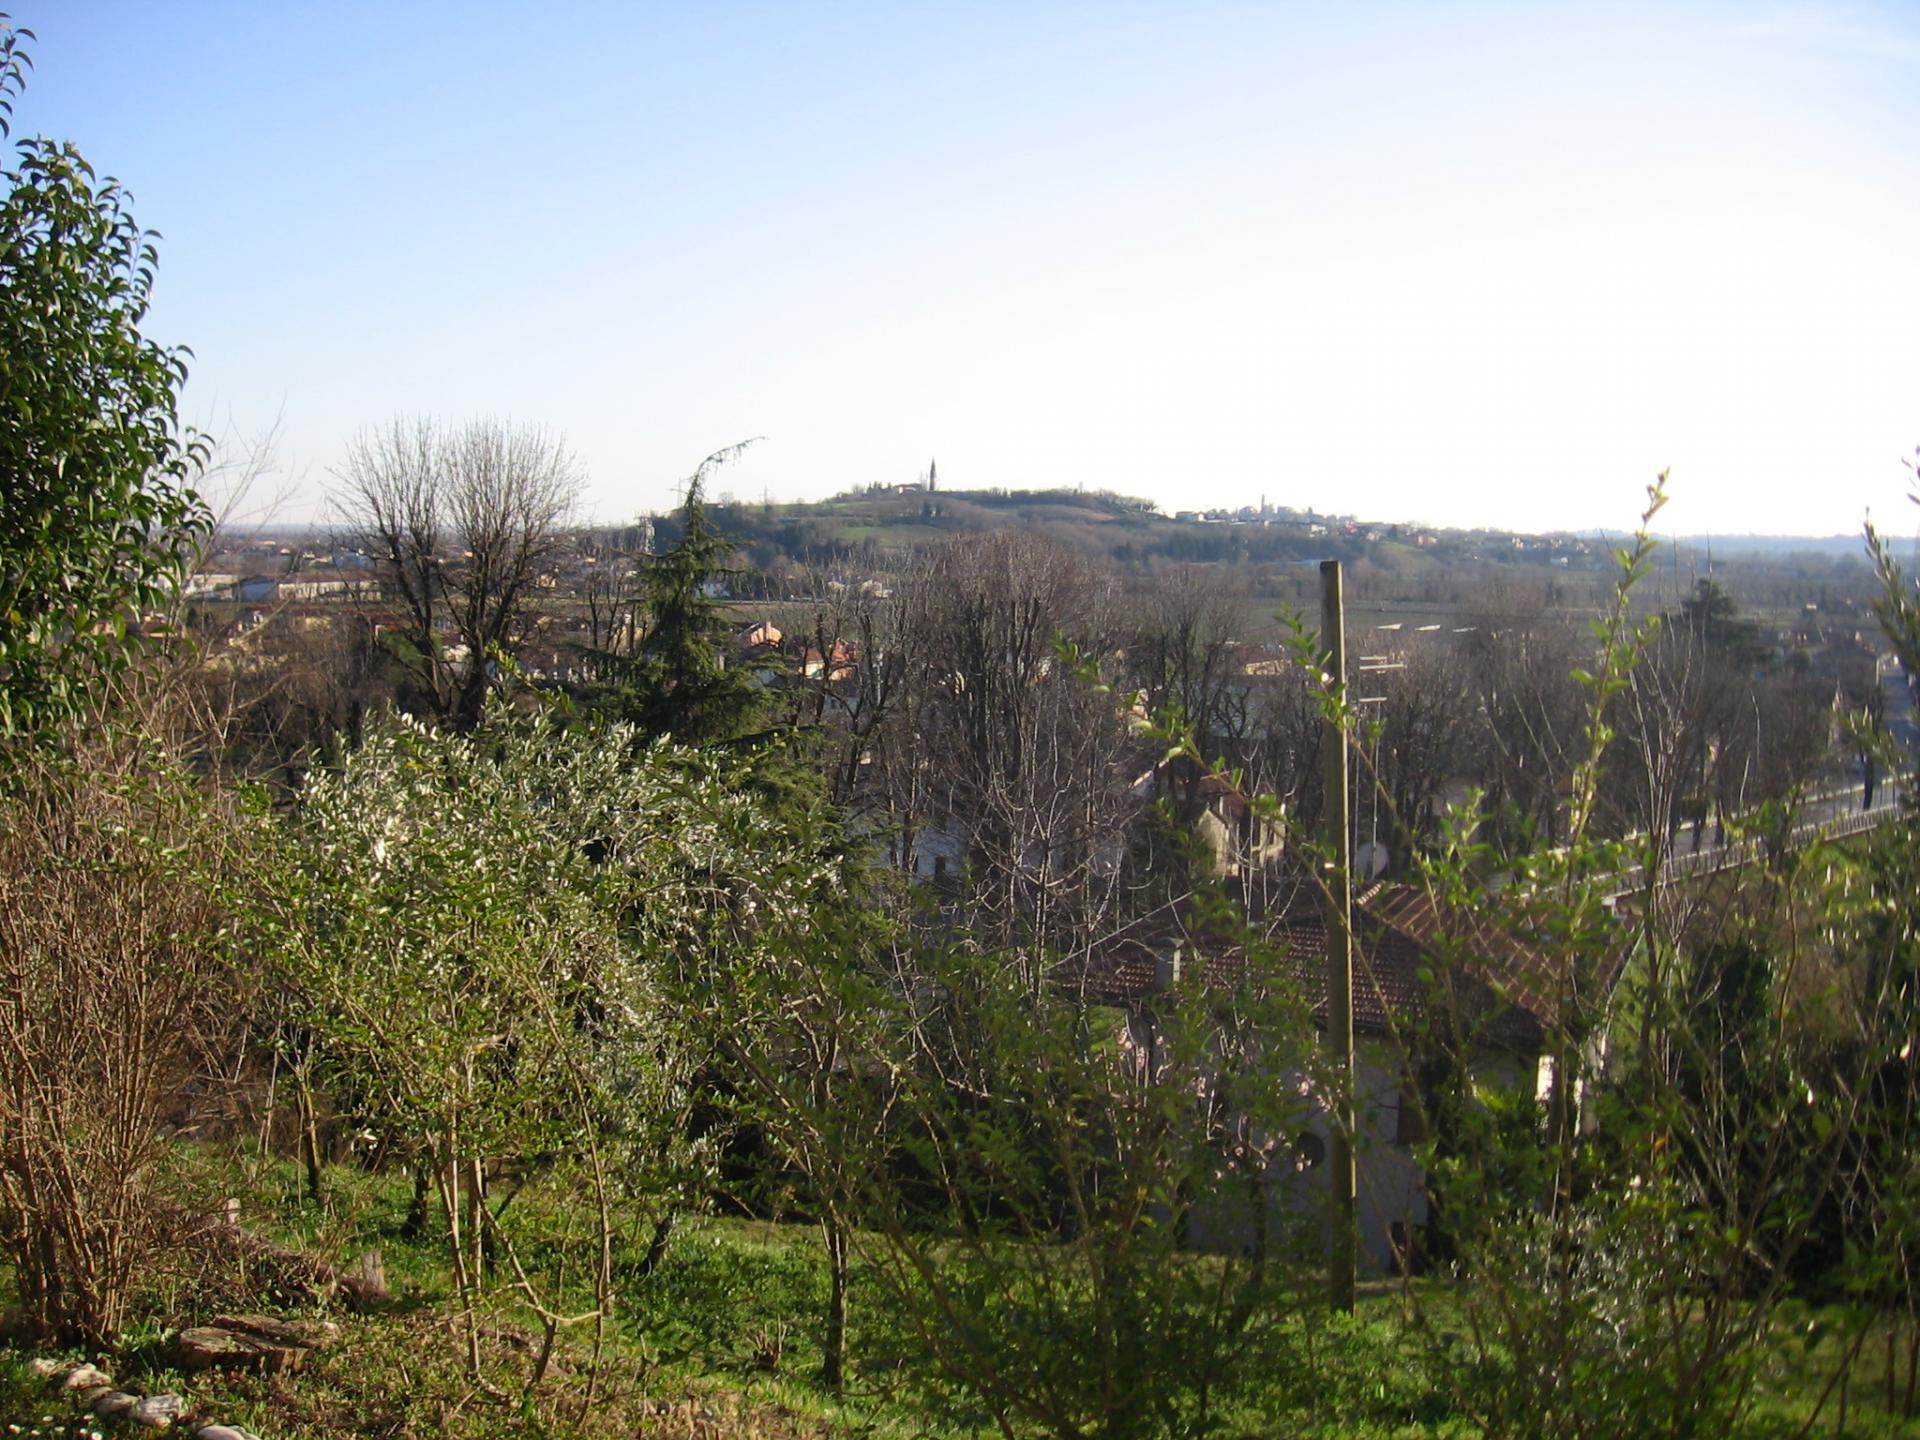 Albergo in vendita a Vittorio Veneto, 9999 locali, Trattative riservate | CambioCasa.it